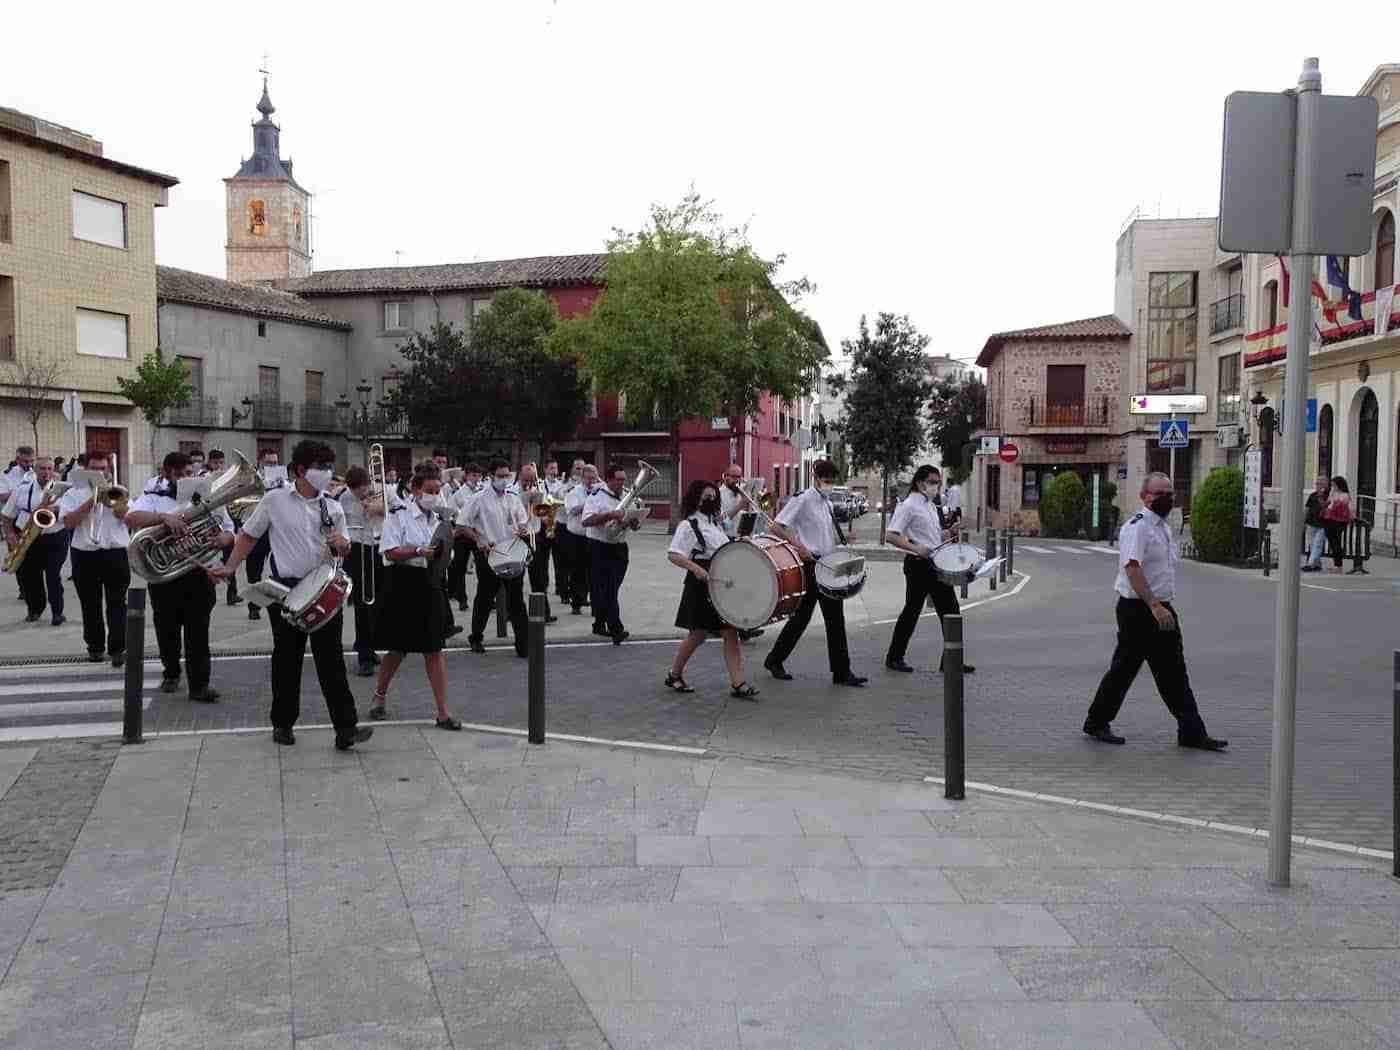 Quintanar inaugura sus fiestas patronales con un pasacalles de la Banda Sinfónica Municipal 11